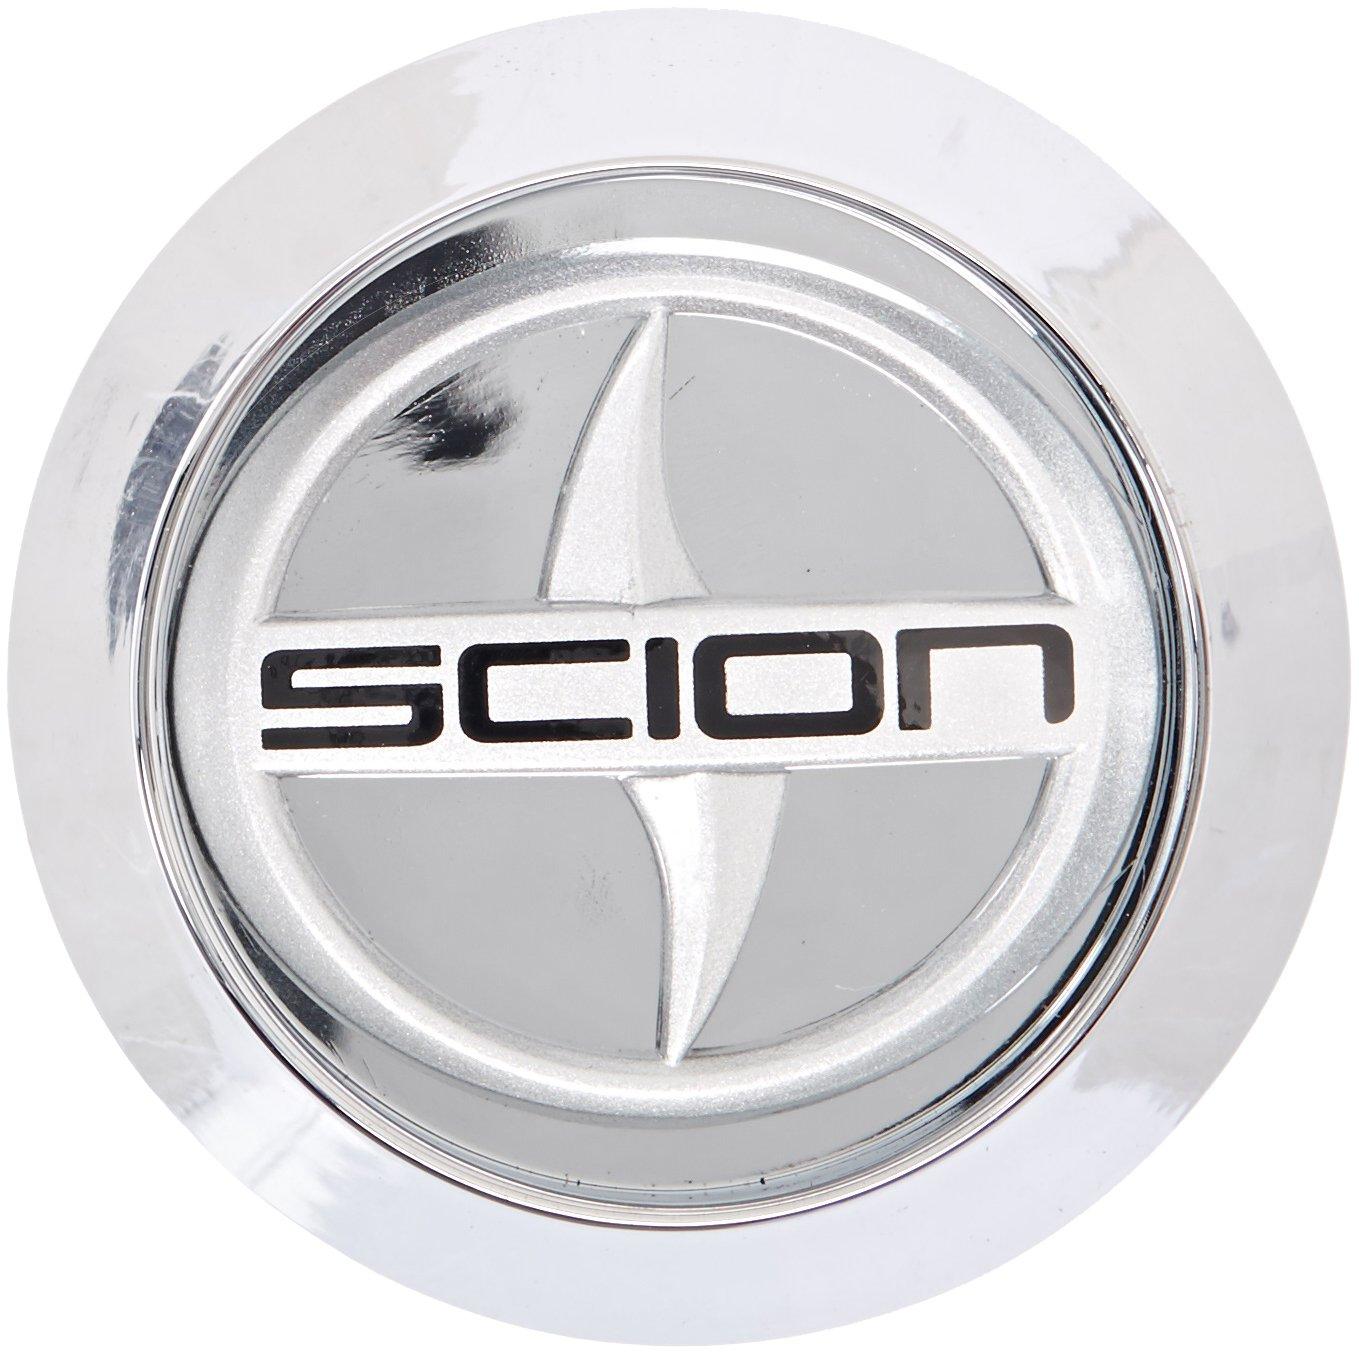 Genuine Scion Accessories PT904-52040-CC Center Cap for Wheel